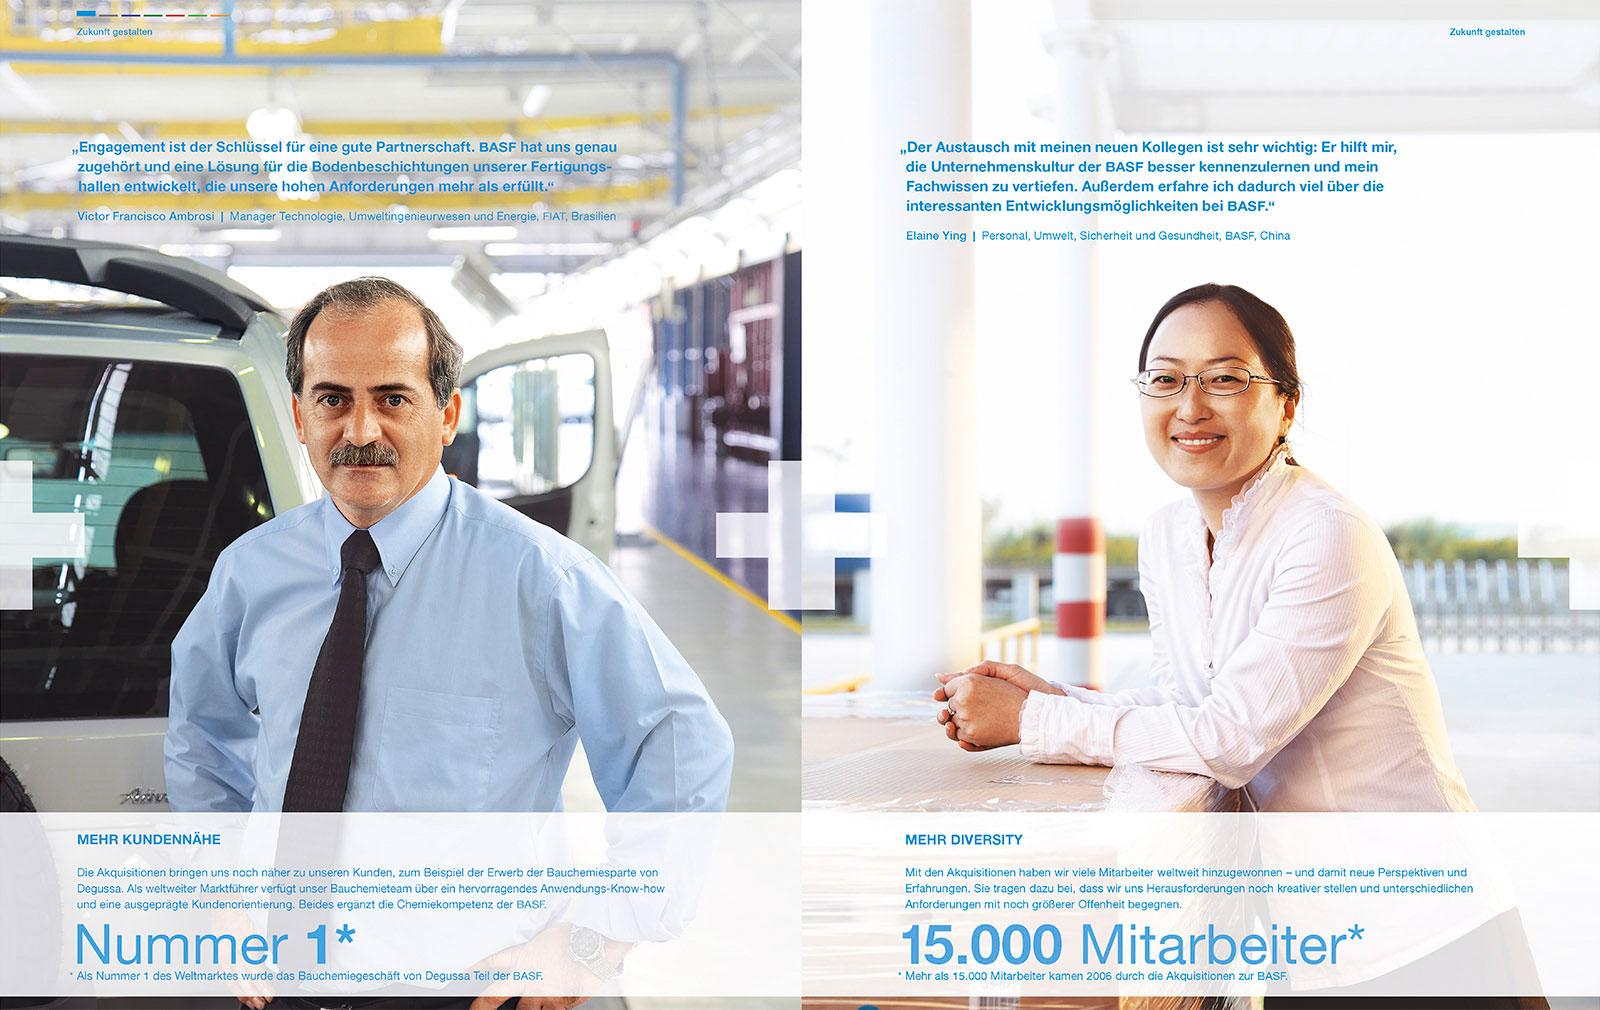 Fototermine | Portraits mit  Kunden, Mitarbeitern und Wissenscha